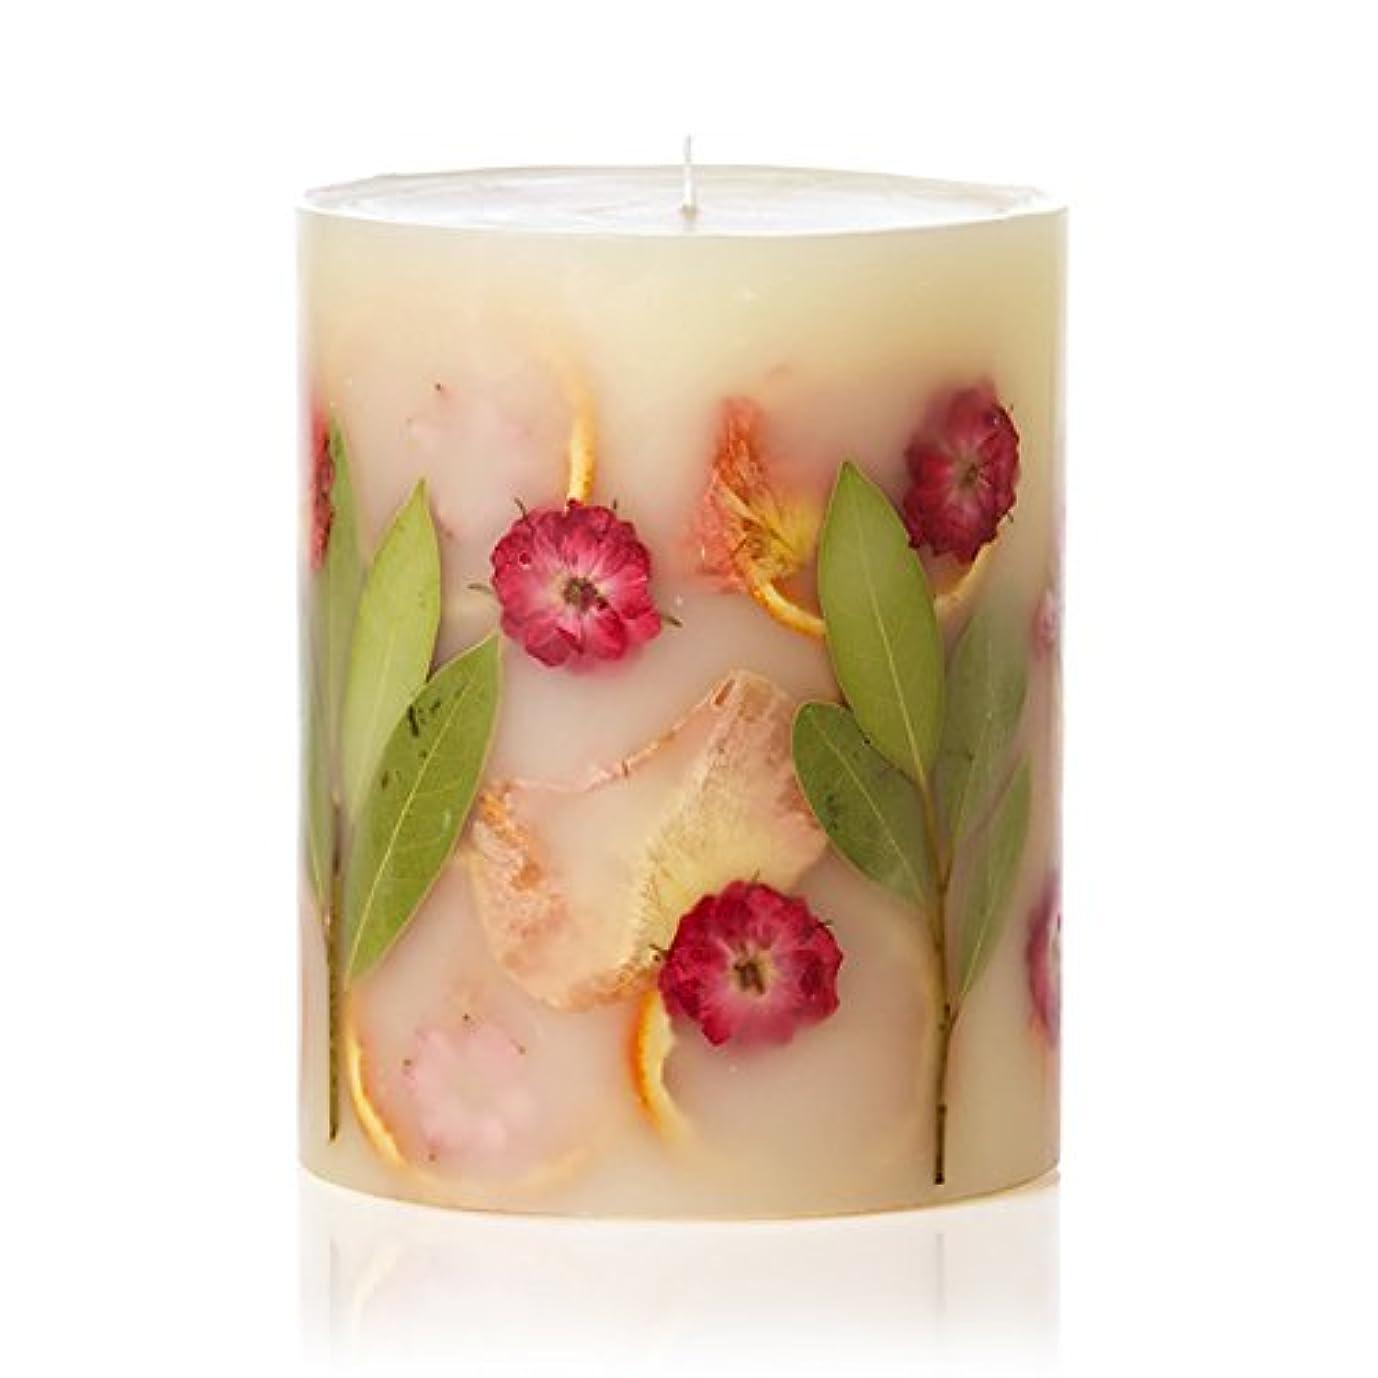 繰り返しあなたが良くなりますツーリストロージーリングス ボタニカルキャンドル トールラウンド ピオニー&ポメロ ROSY RINGS Round Botanical CandleTall Round Peony & Pomelo